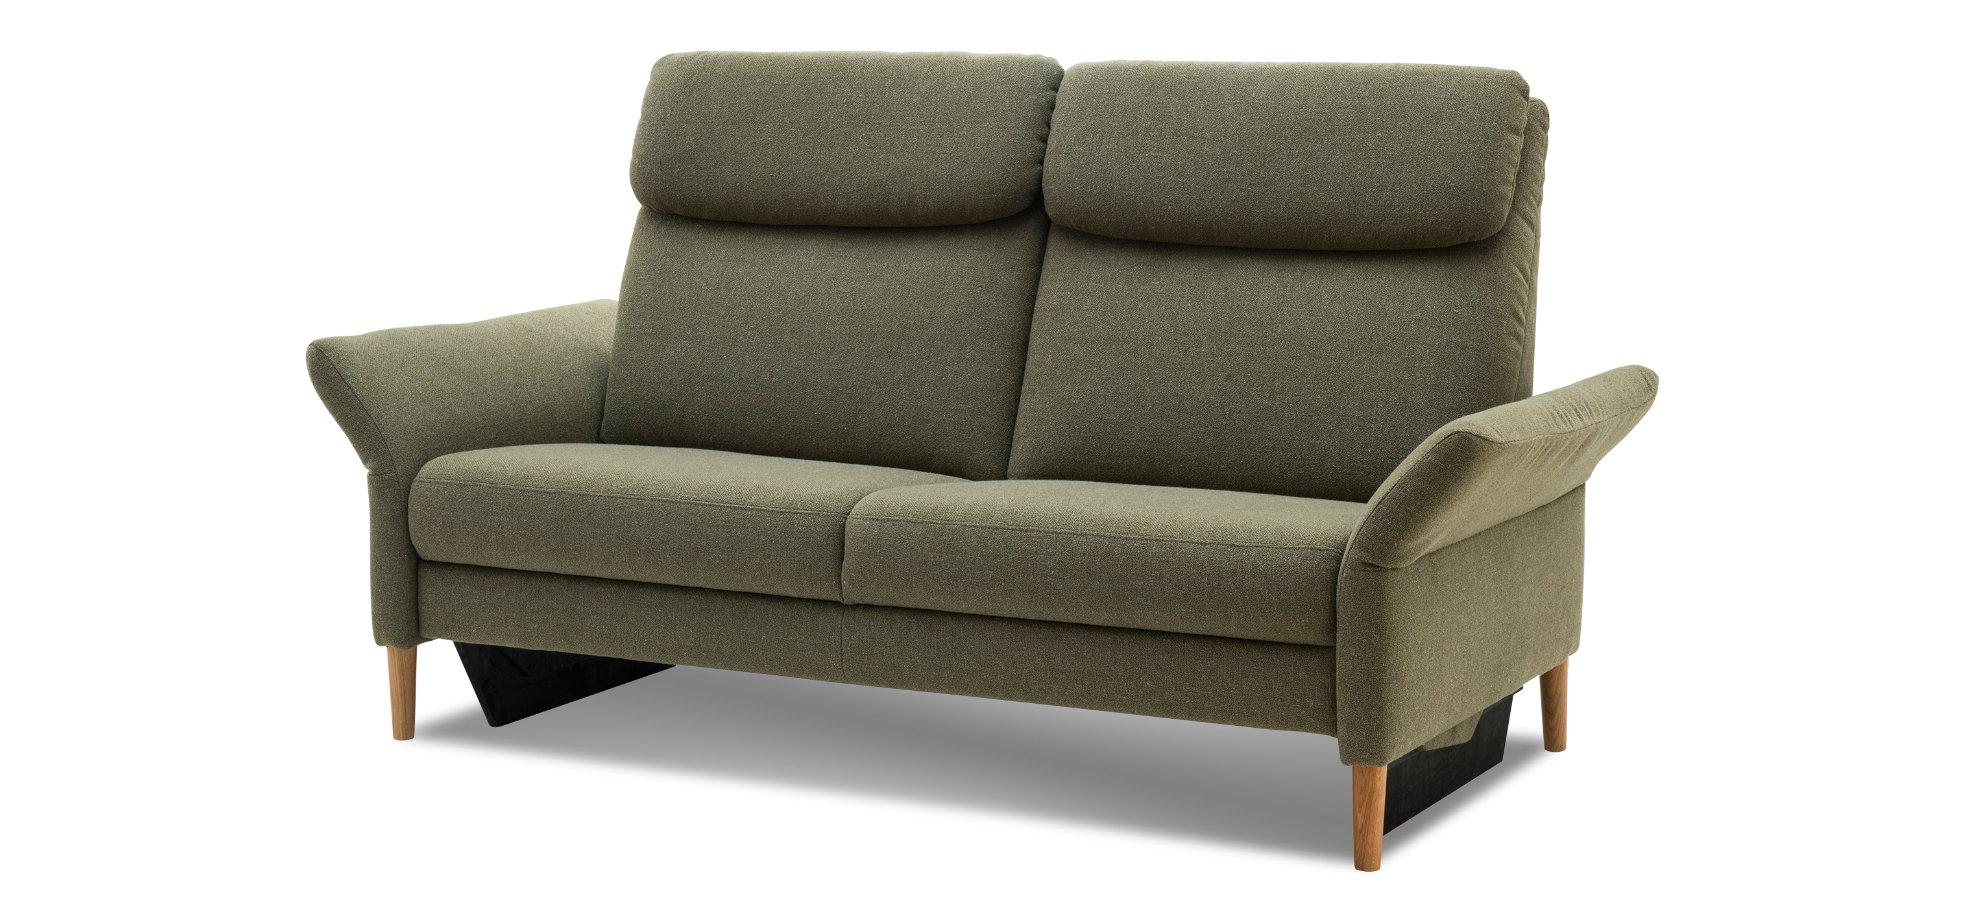 Full Size of 2 Sitzer Sofa Mit Relaxfunktion Stressless 5 Couch Stoff Leder 2 Sitzer City Gebraucht Elektrisch Elektrischer 5 Sitzer   Grau 196 Cm Breit Integrierter Sofa 2 Sitzer Sofa Mit Relaxfunktion